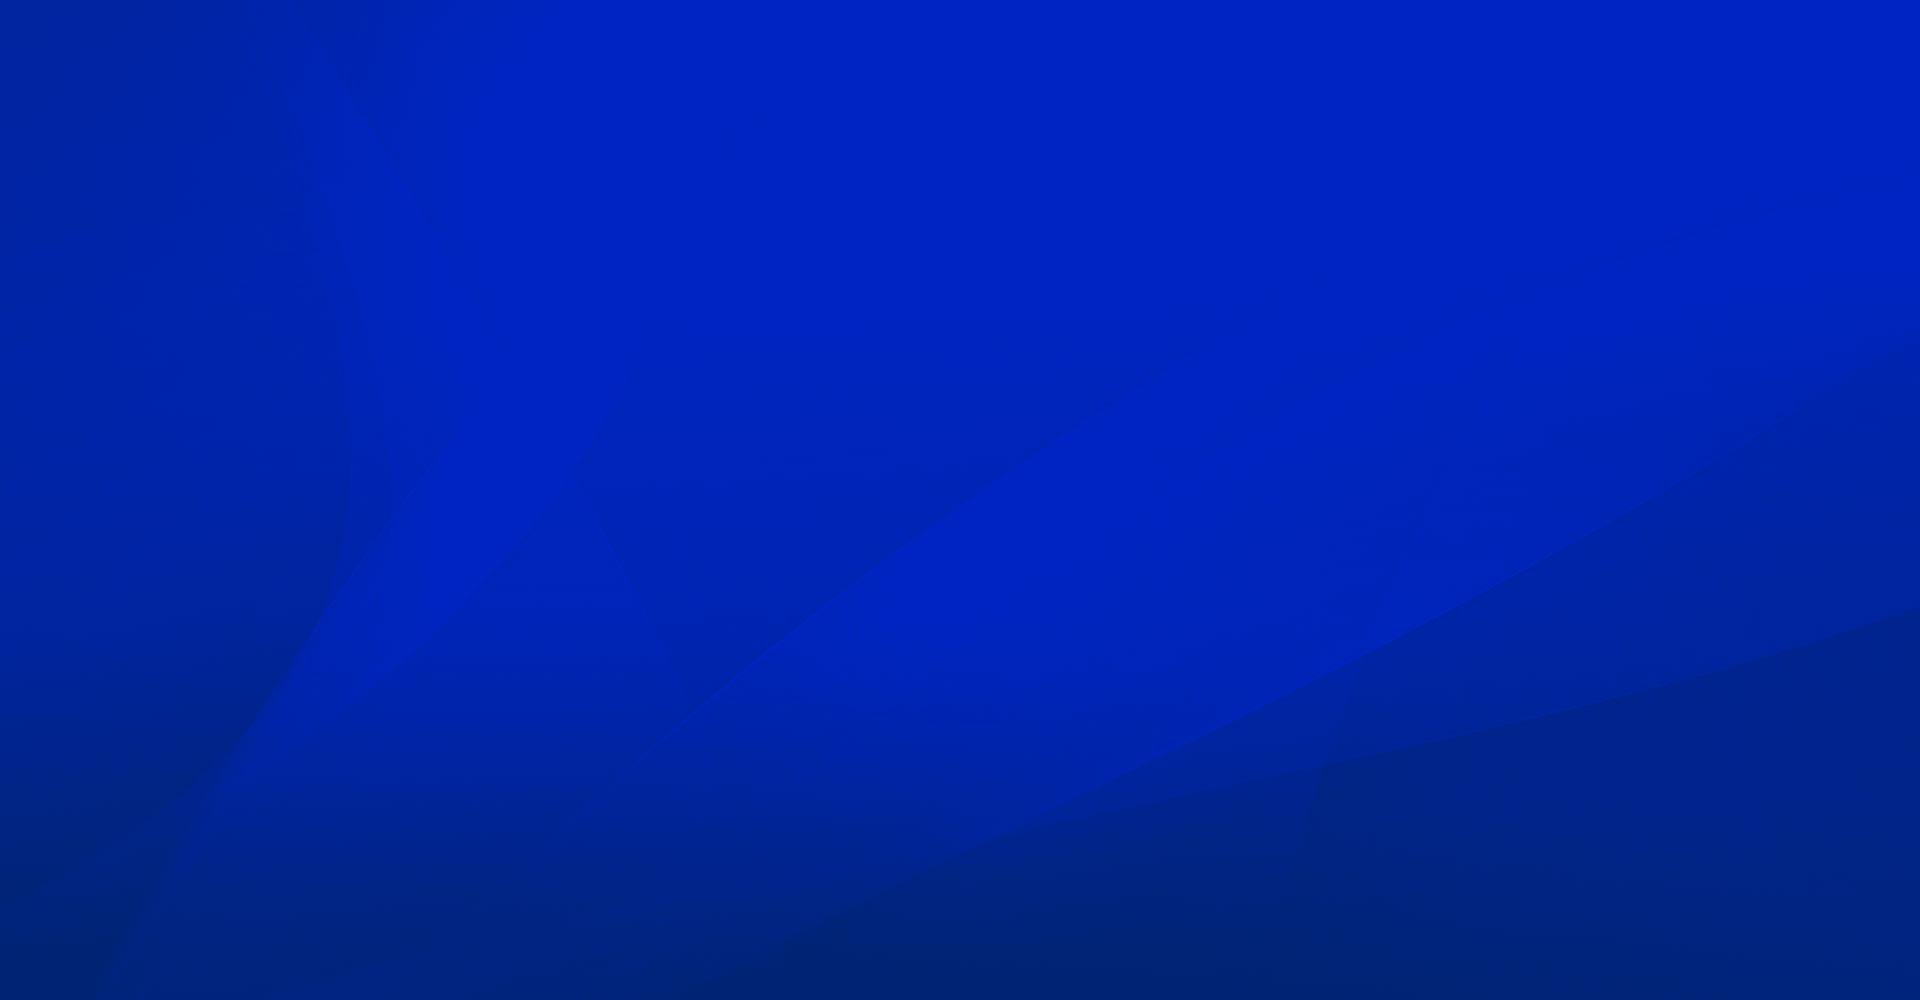 fondo azul fuente de terapias